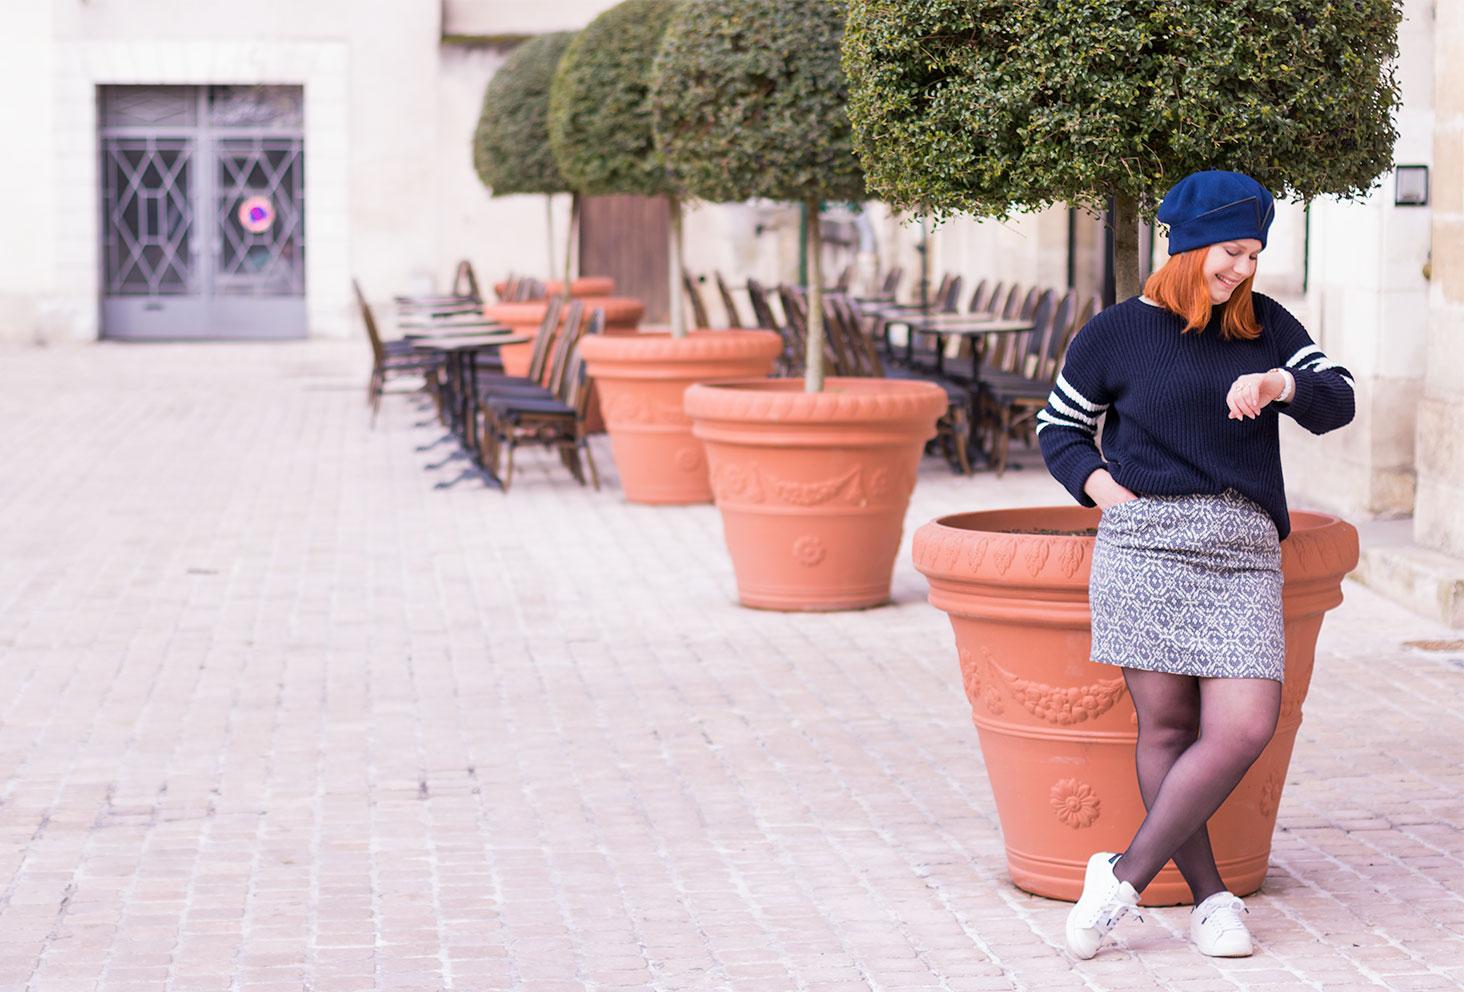 Appuyé contre un pot de fleurs géant devant la terrasse d'un café vide regardant l'heure